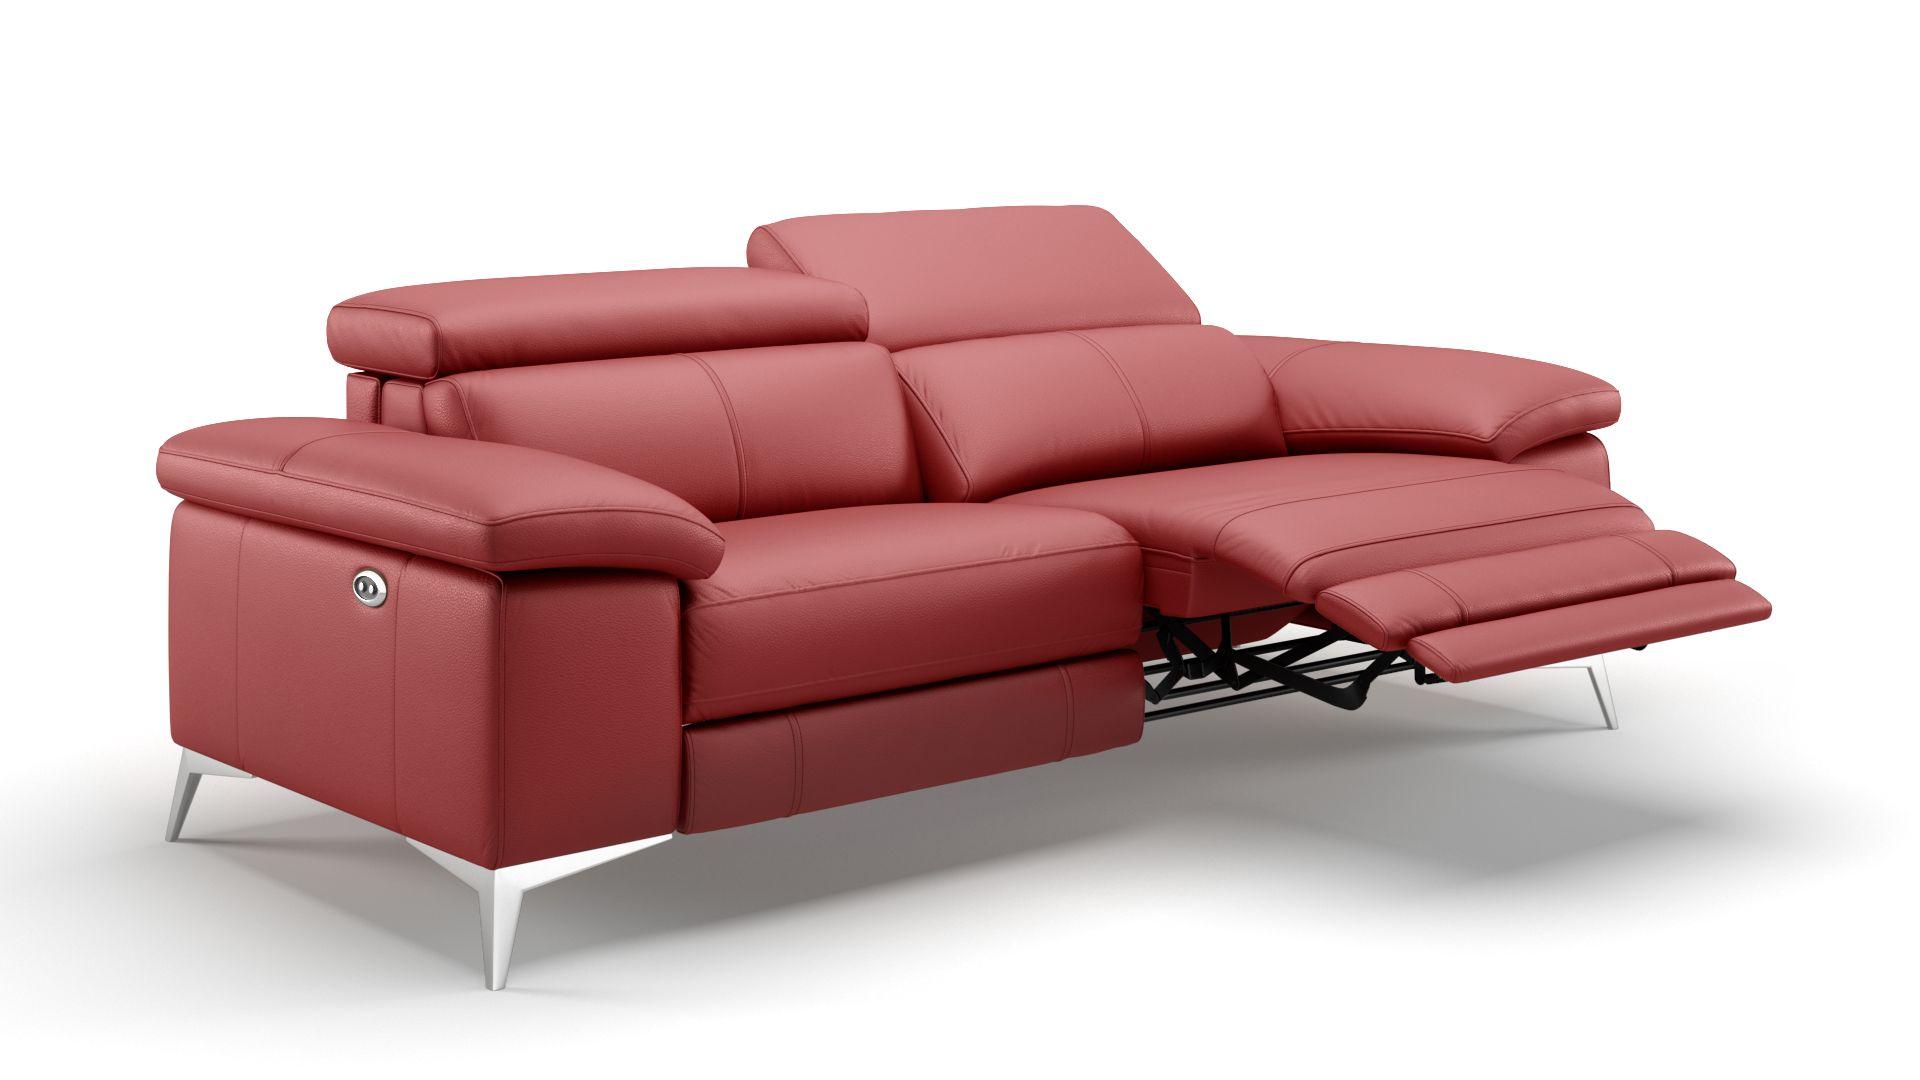 Full Size of 3 Sitzer Sofa Mit Relaxfunktion Elektrisch Zweisitzer Verstellbar Couch Elektrische Ecksofa 3er Elektrischer Sitztiefenverstellung Test 2er 2 5 Leder Relaxsofa Sofa Sofa Mit Relaxfunktion Elektrisch